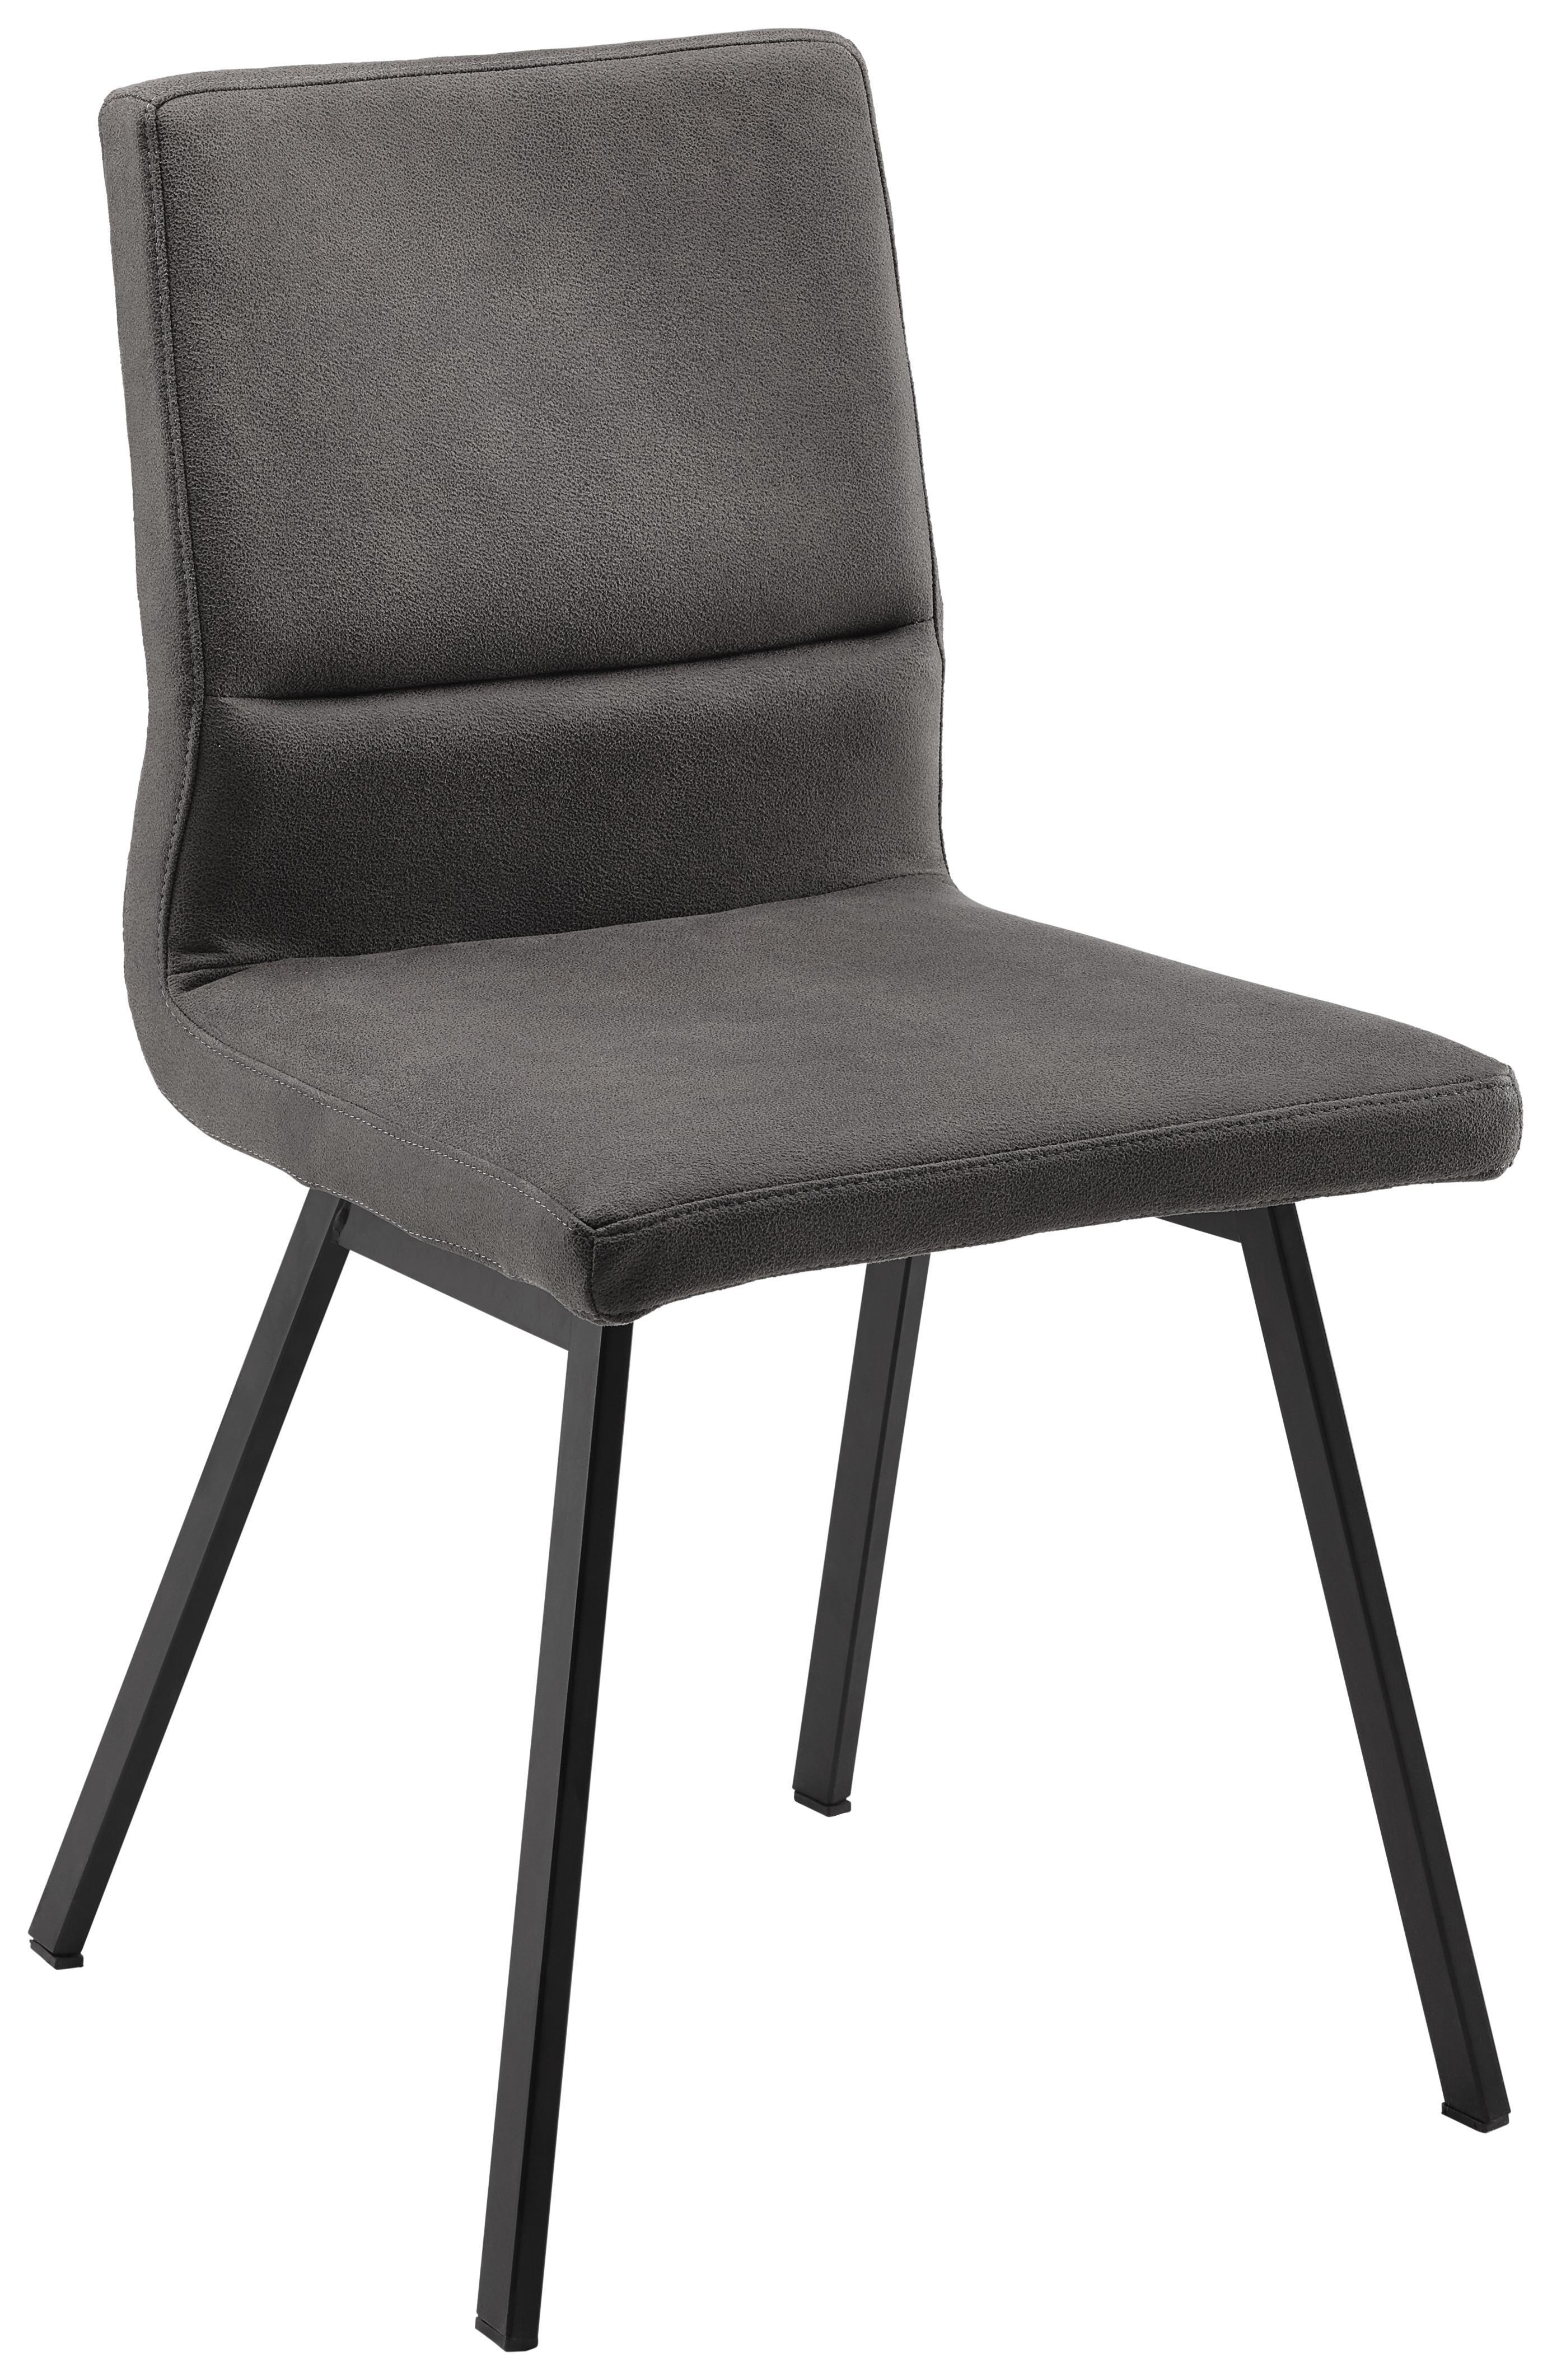 Stuhl In Grau Schwarz Online Kaufen Mömax